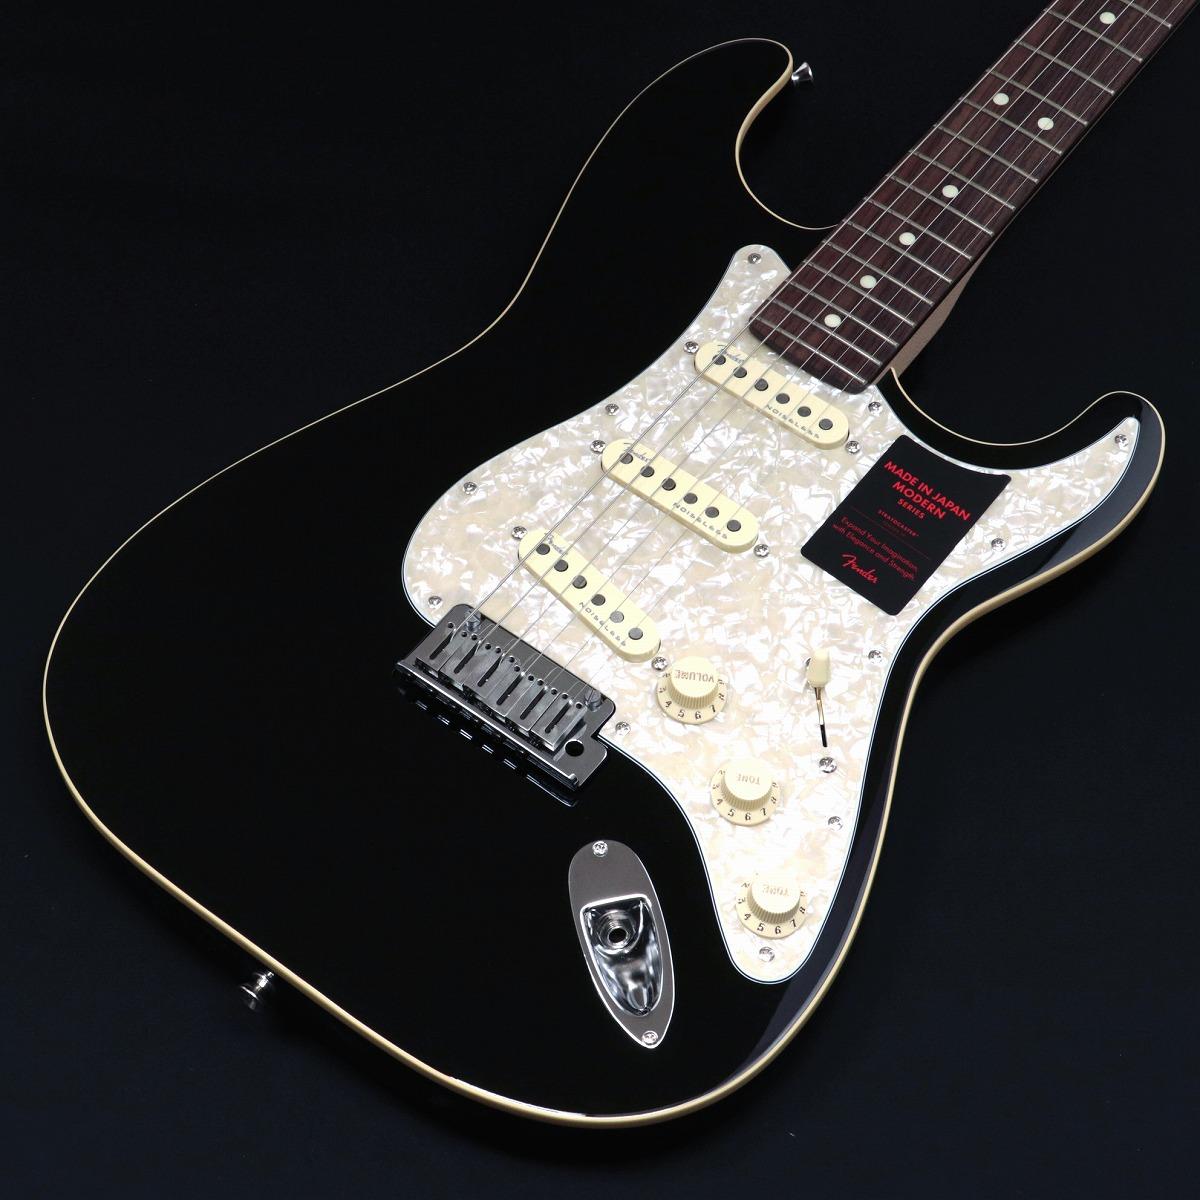 2021最新のスタイル Fender Stratocaster/ in Made in Japan Modern Stratocaster Rosewood Rosewood Fingerboard Black【新品特価】【3.54kg】【S/N:JD20005631】【御茶ノ水ROCKSIDE】, チタグン:57d1f3bd --- briefundpost.de